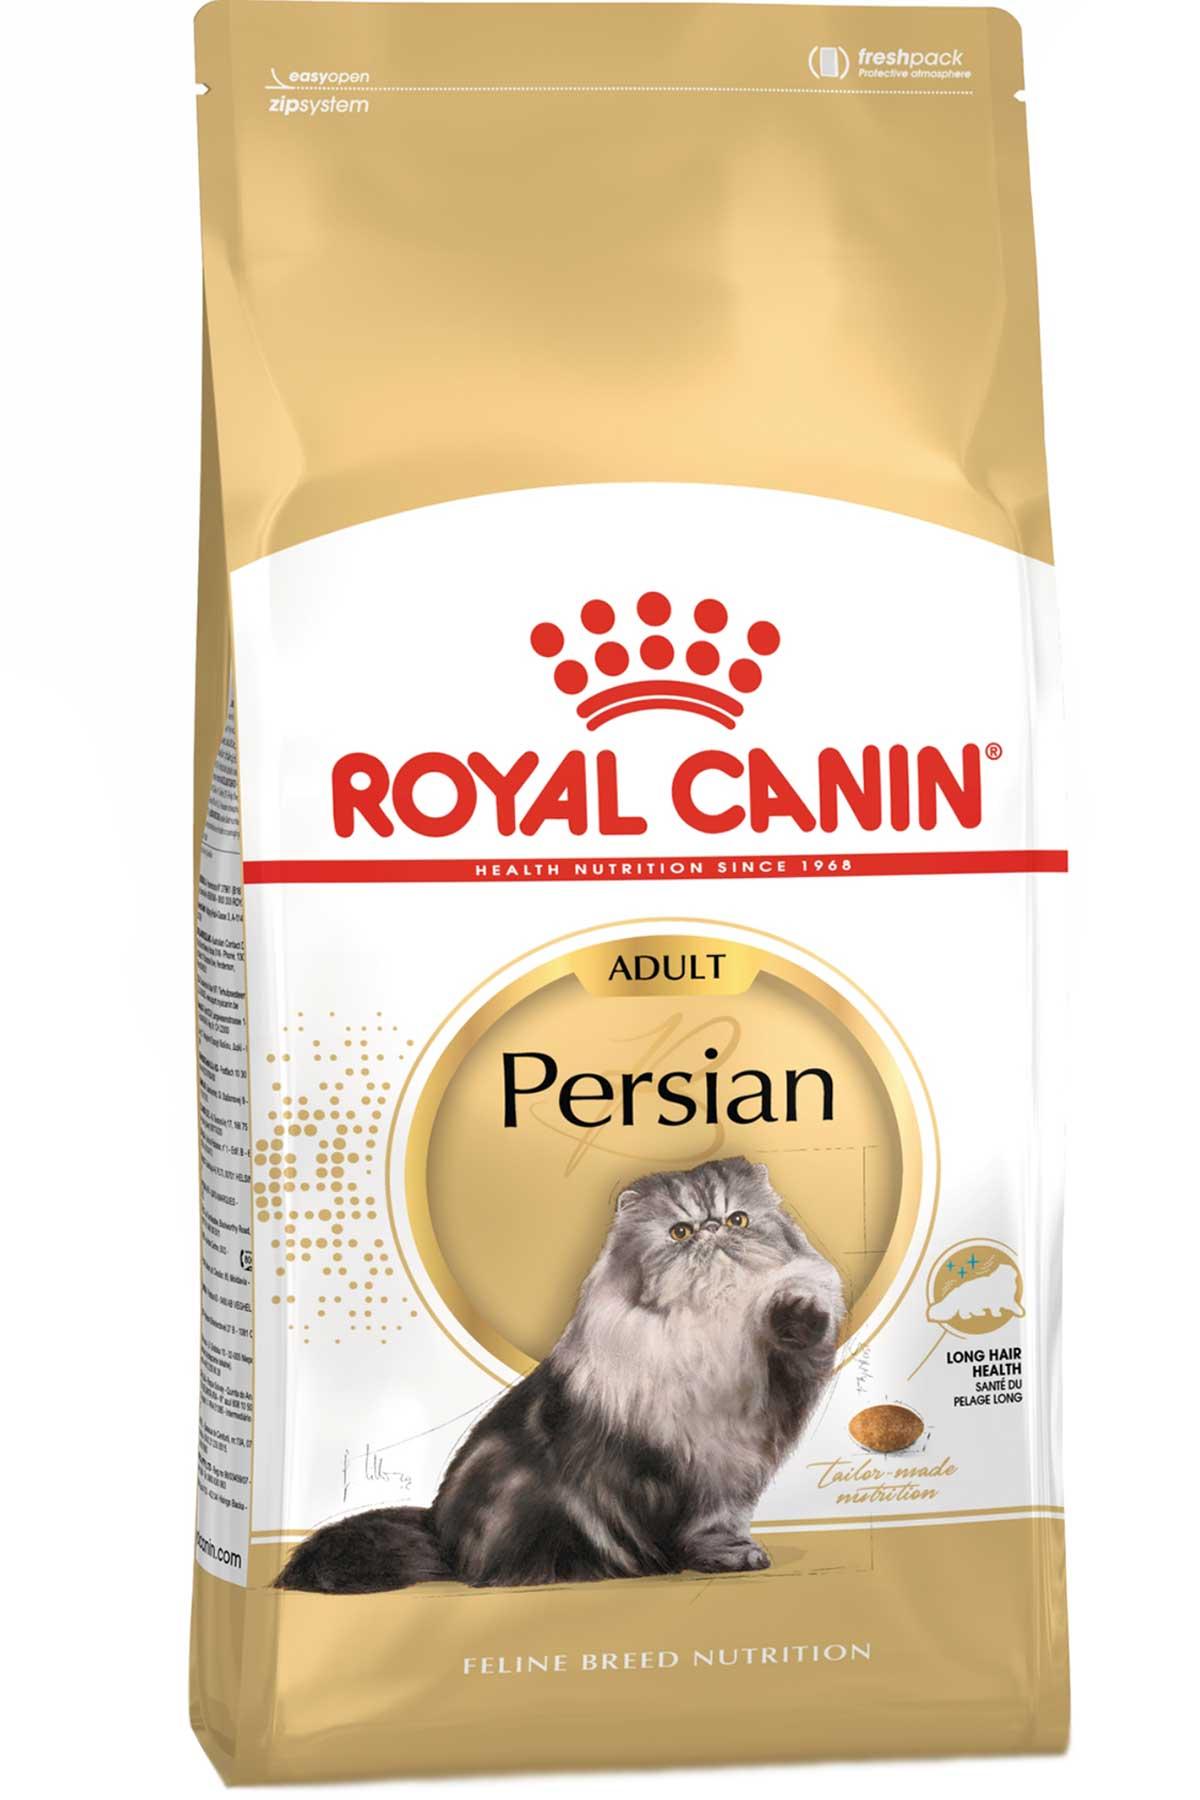 Royal Canin Persian İran Irkı Yetişkin Kedi Maması 4kg